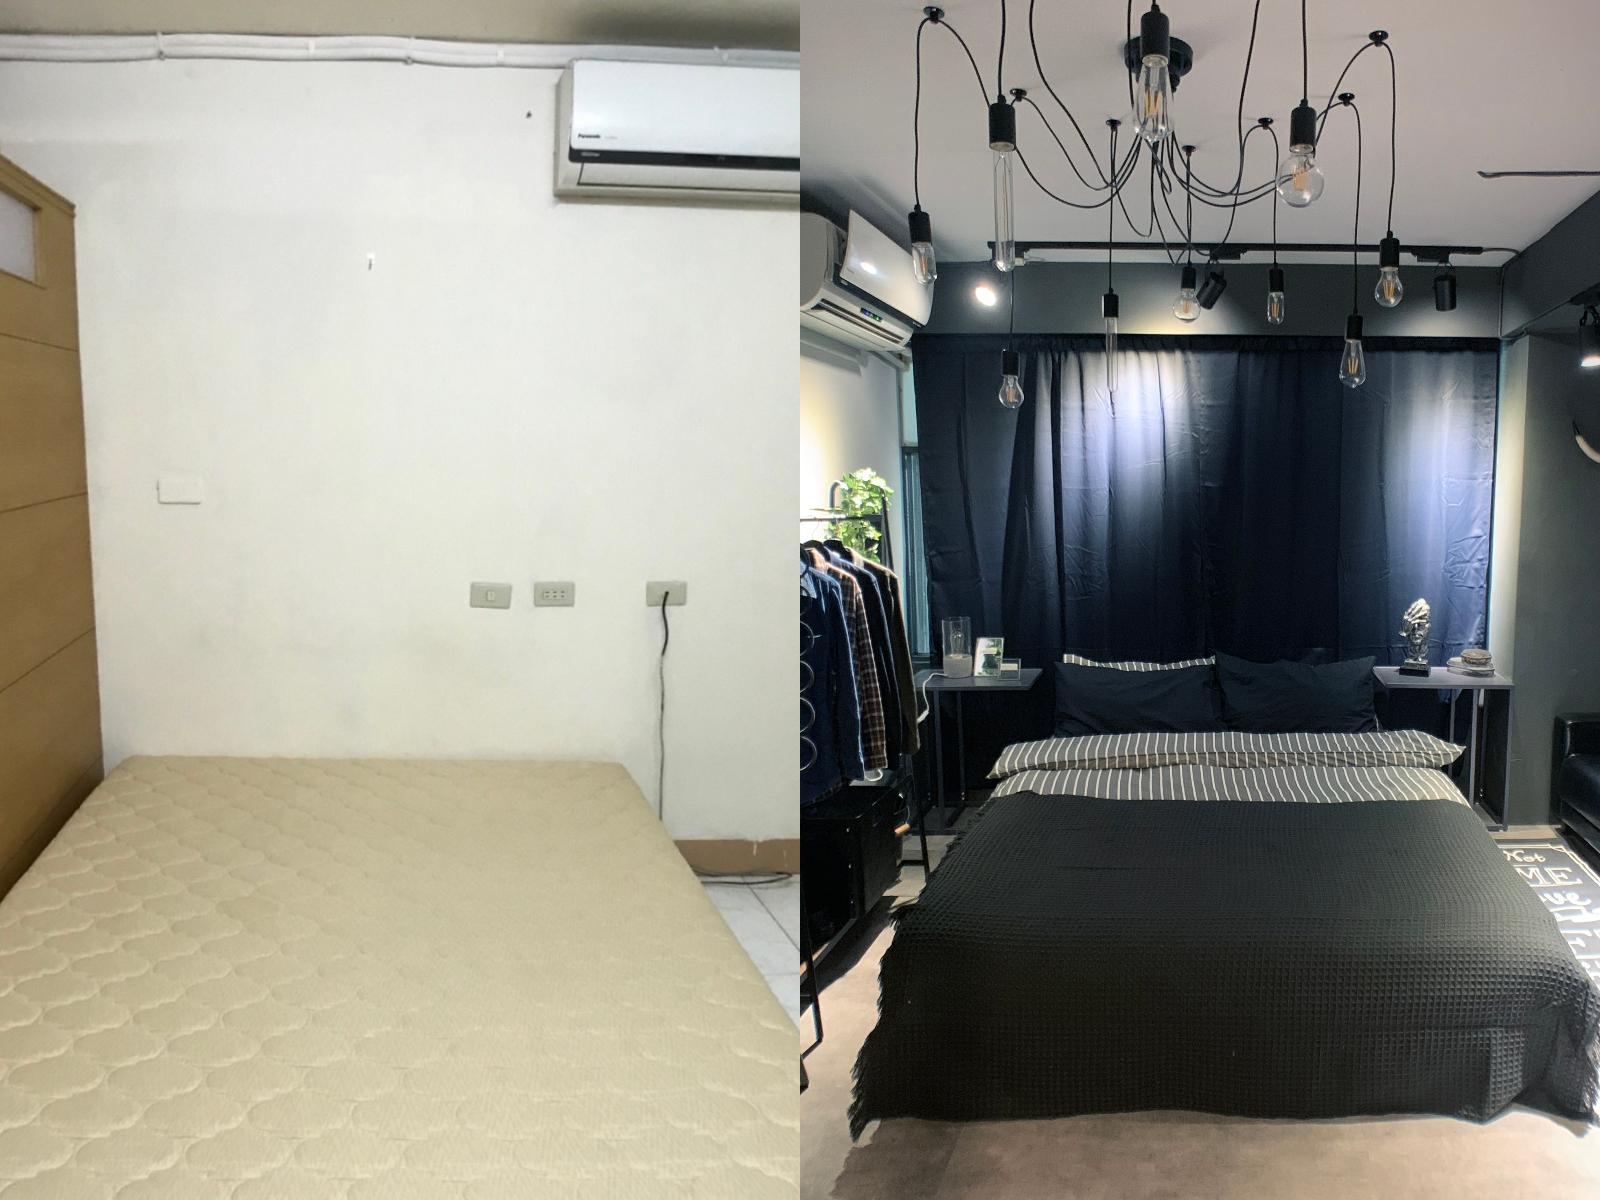 【居家改造 DIY】Lo-Fi House 小坪數房間裝潢 | 8 坪套房化身工業風美屋